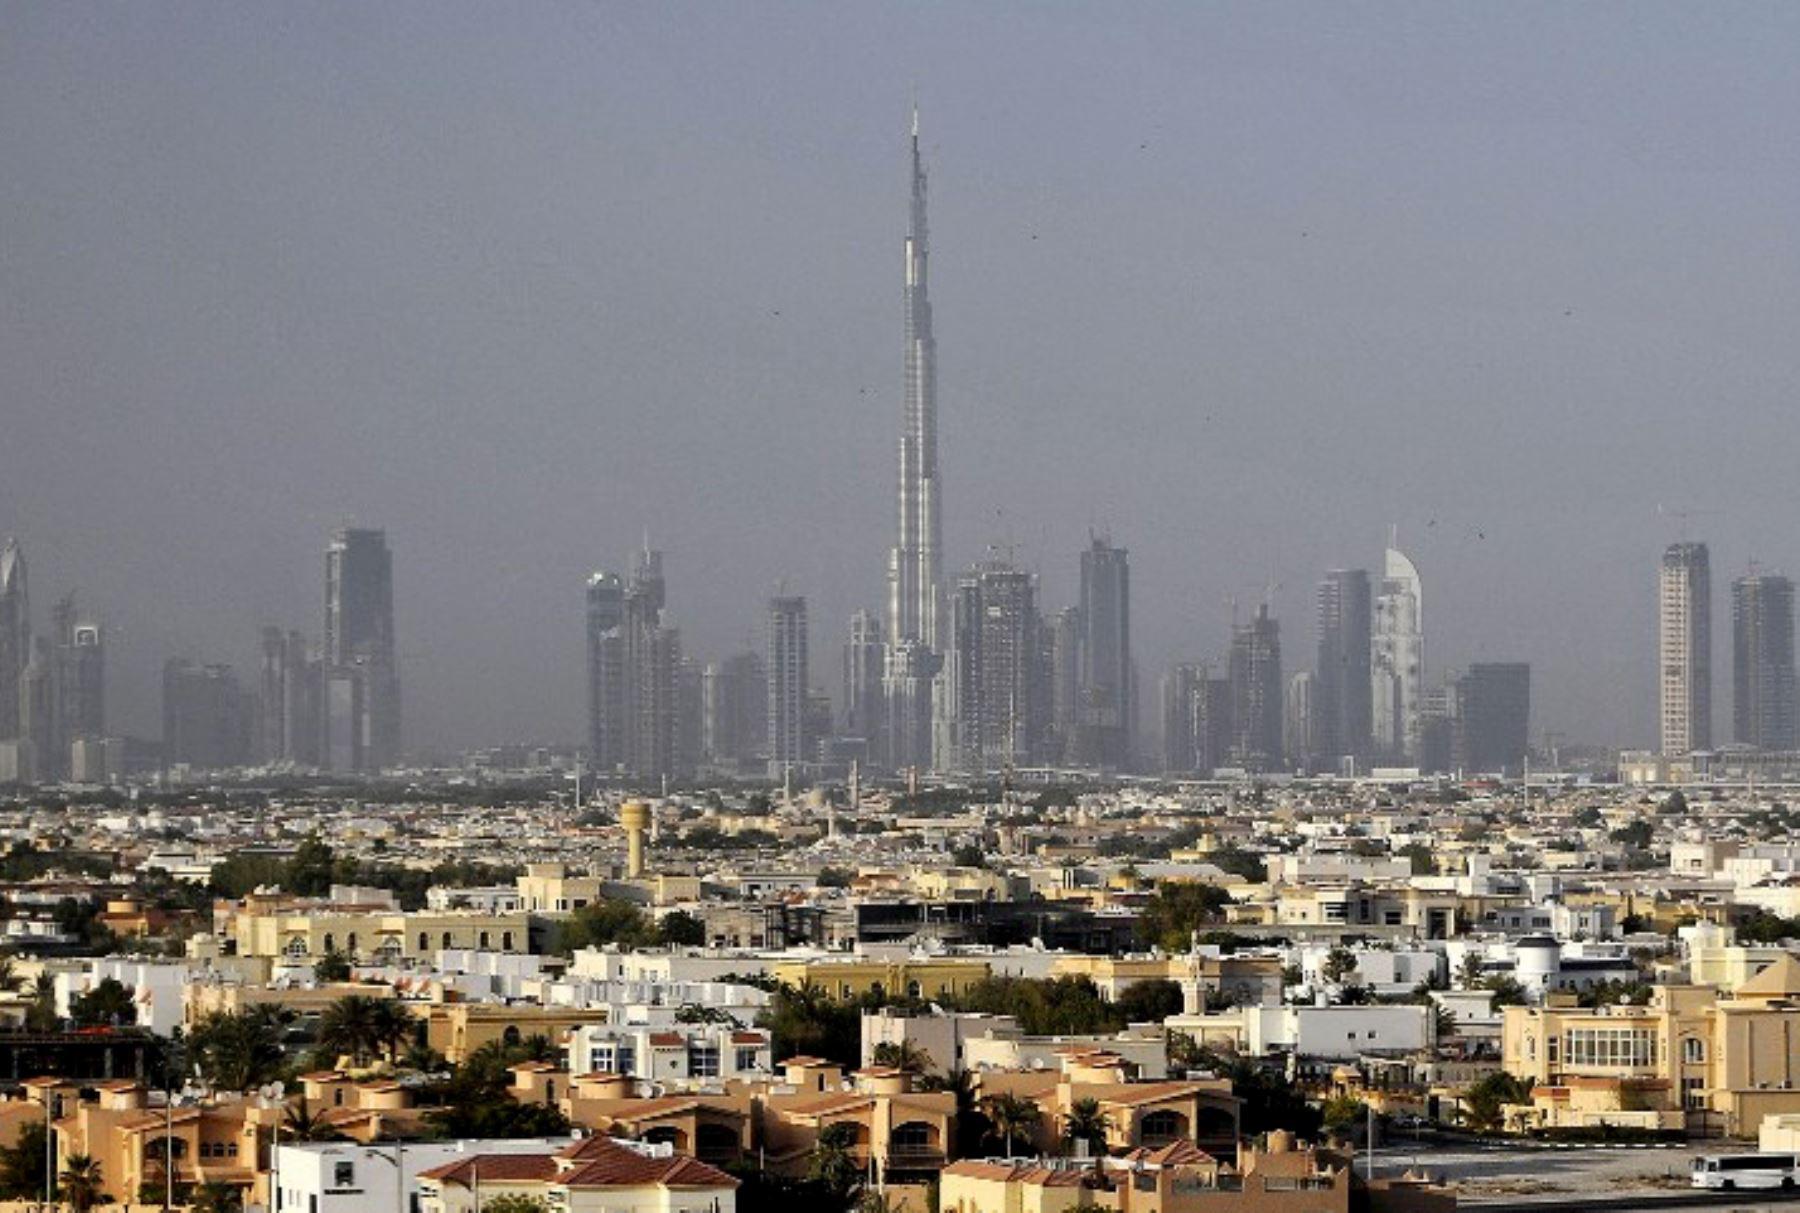 Vista de la ciudad de Dubái. Foto: AFP